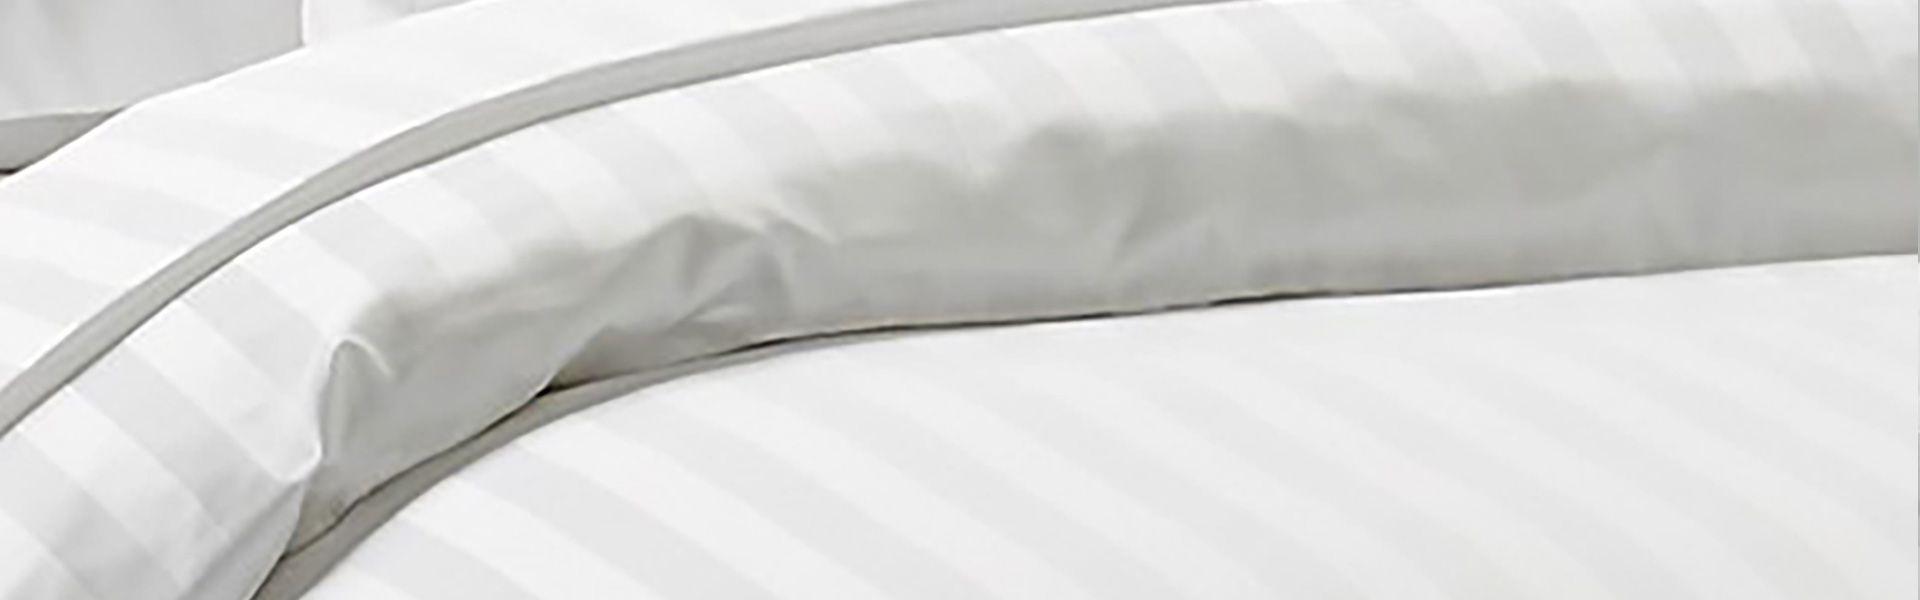 Λευκά Είδη - Σεντόνια - Μονάδα Παραγωγής Λευκών Ειδών Αθήνα